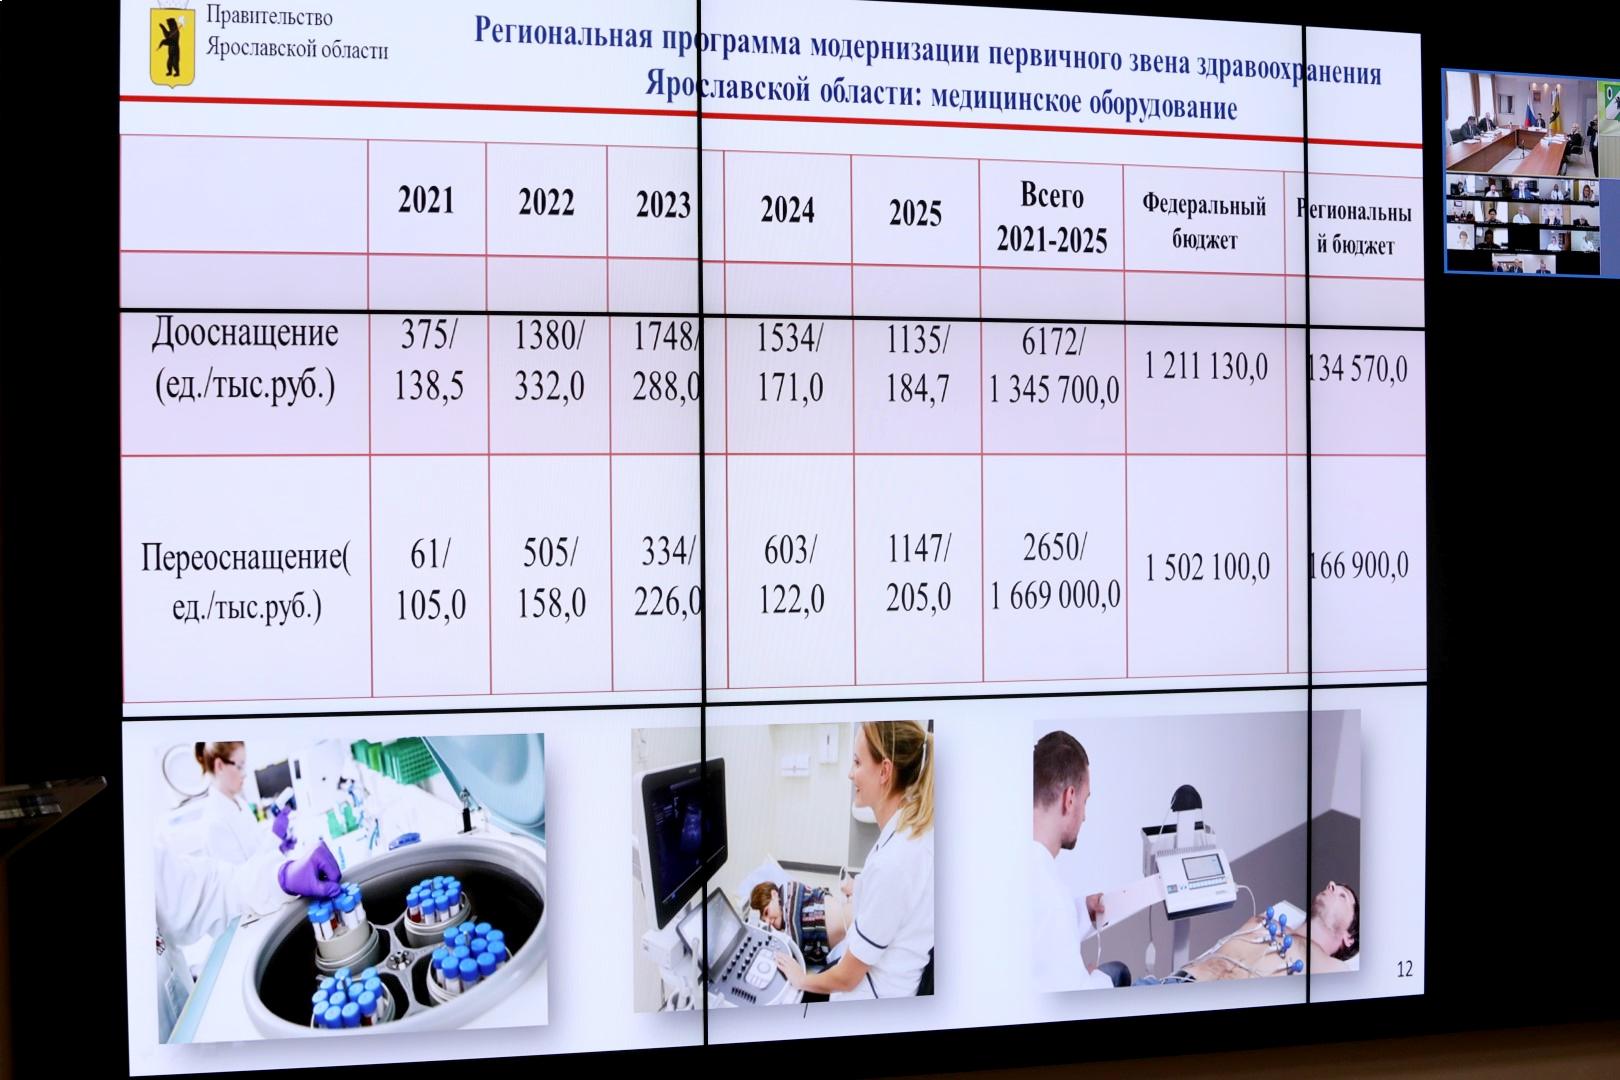 Дмитрий Миронов: на реализацию программы «Земский доктор» направлено более 40 миллионов рублей